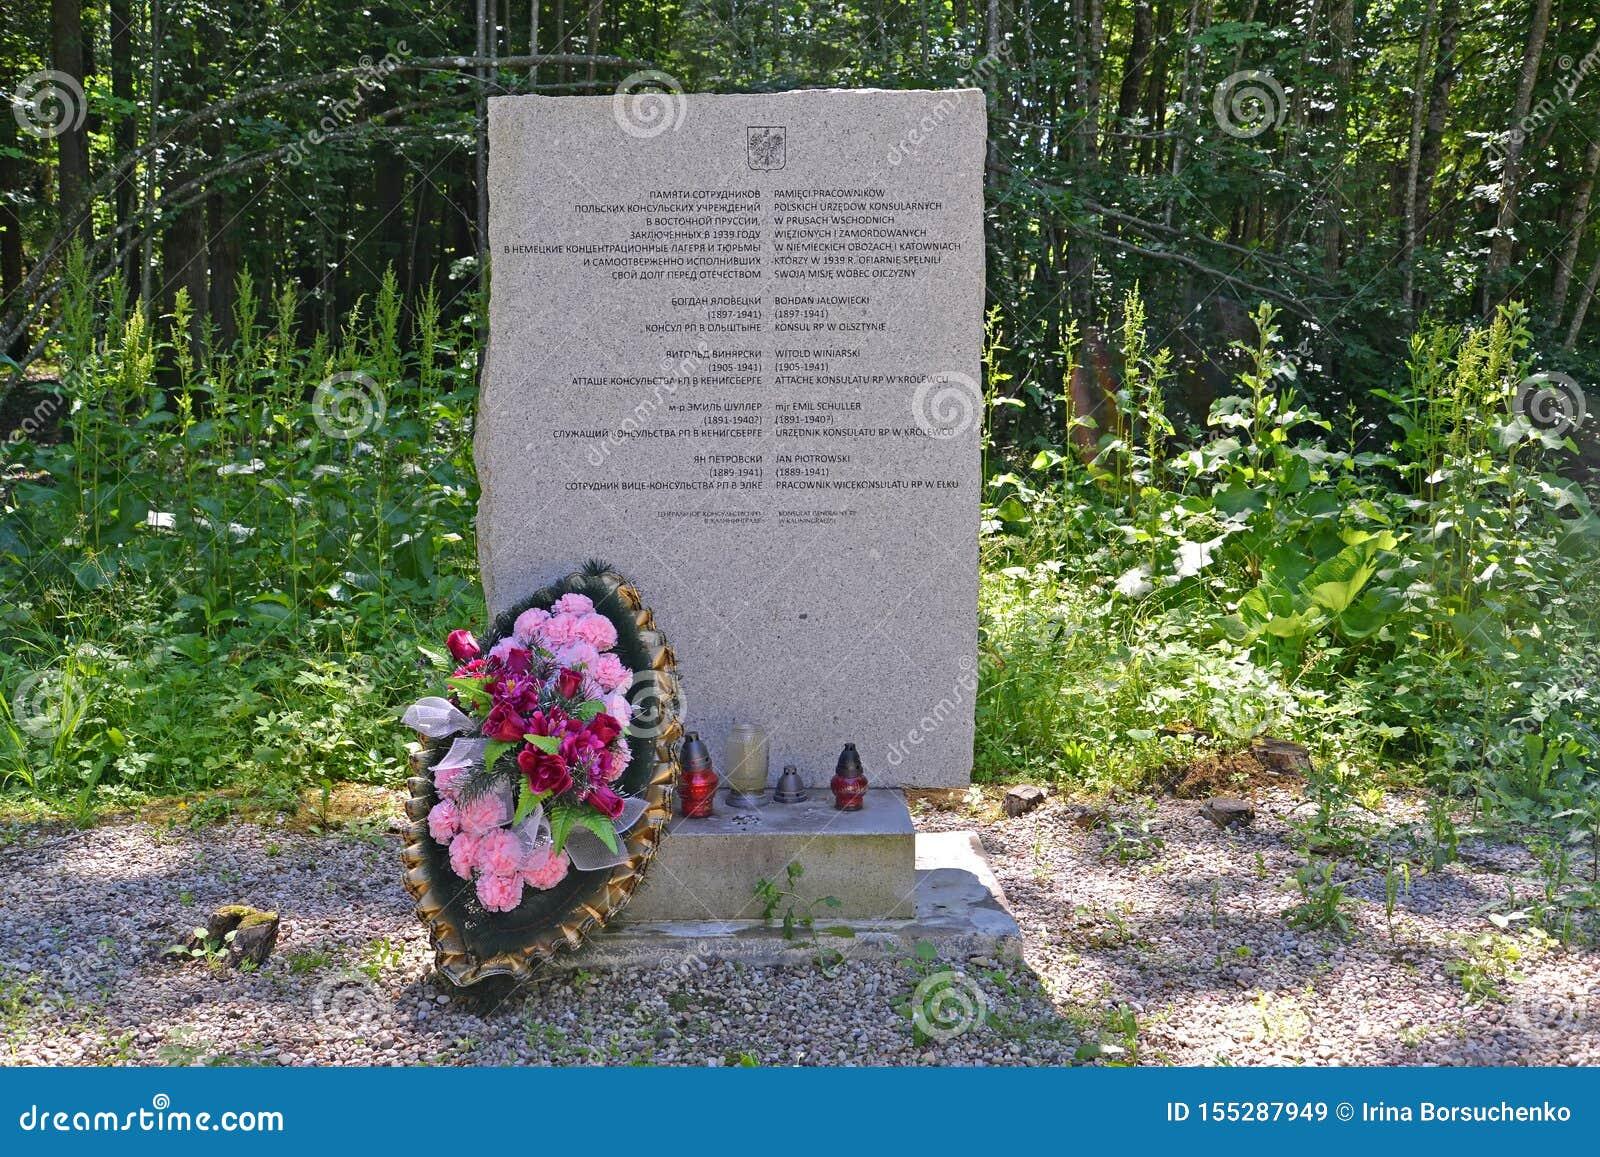 Regi?n de Kaliningrado, Rusia Un stele en memoria del personal del consulado polaco que murió en el campo de concentración Hokhen